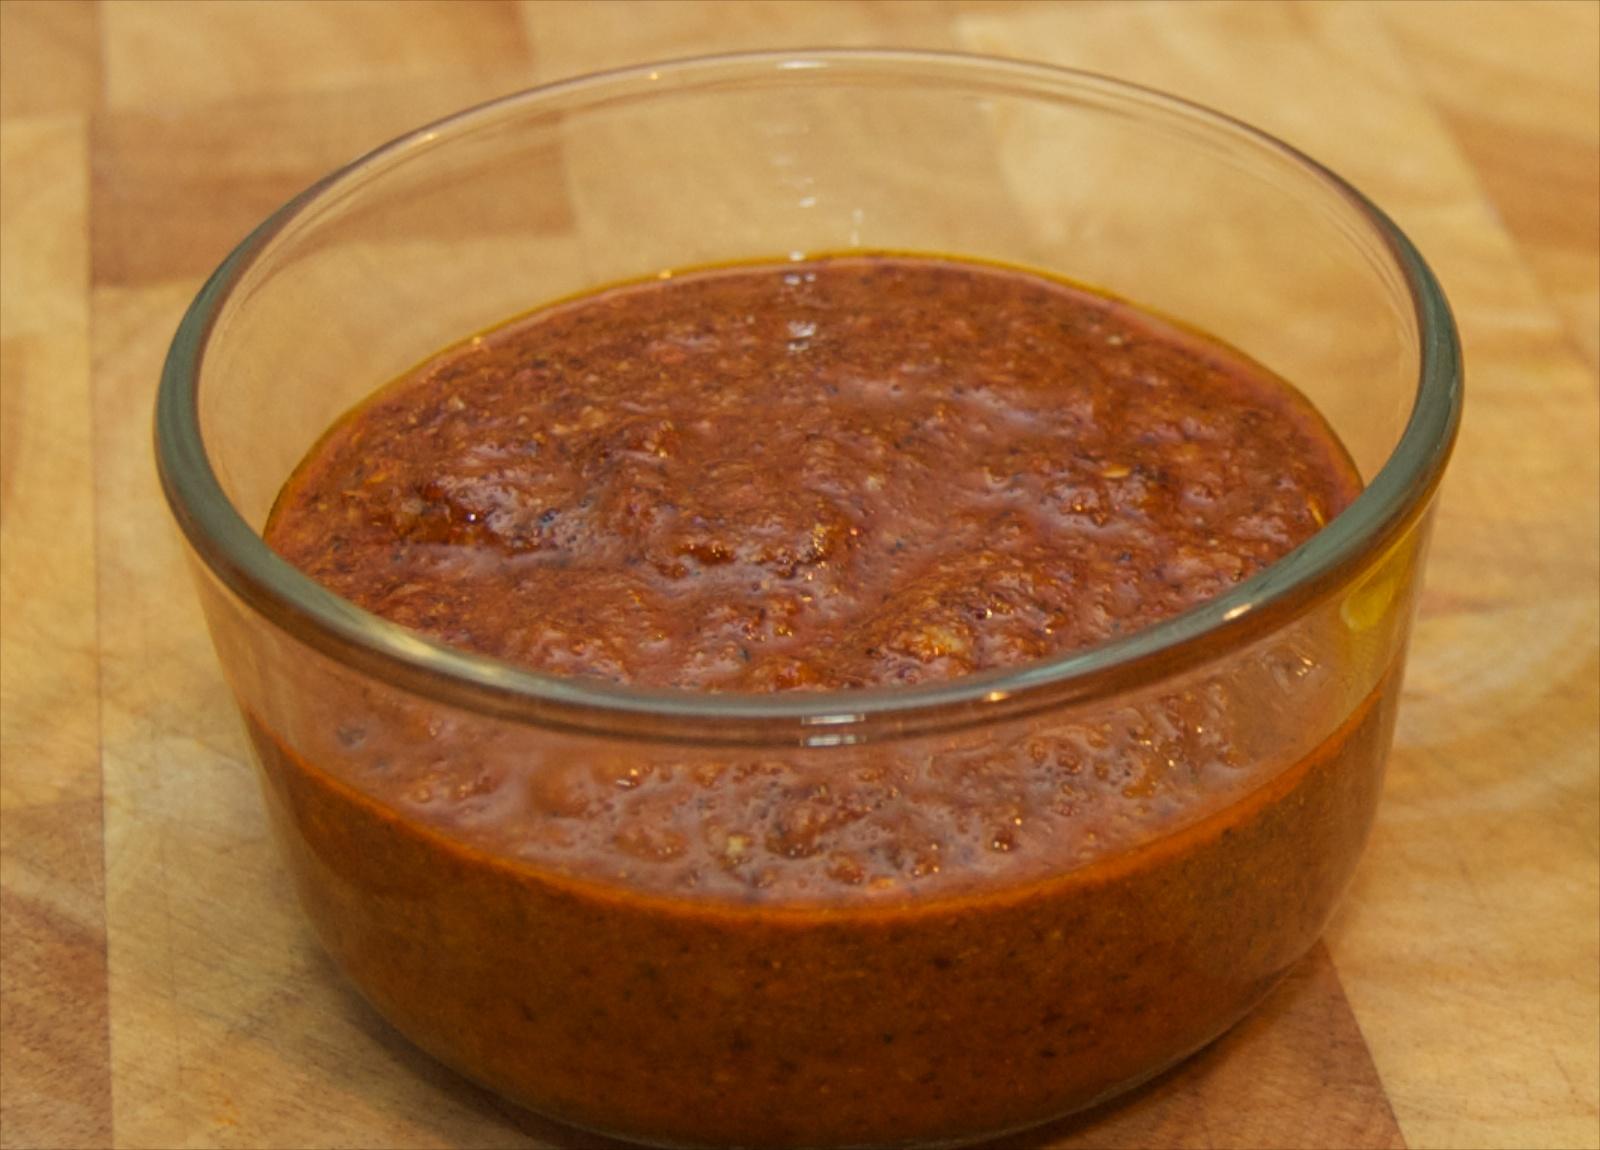 http://blog.rickk.com/food/2010/10/03/berbere4.jpg